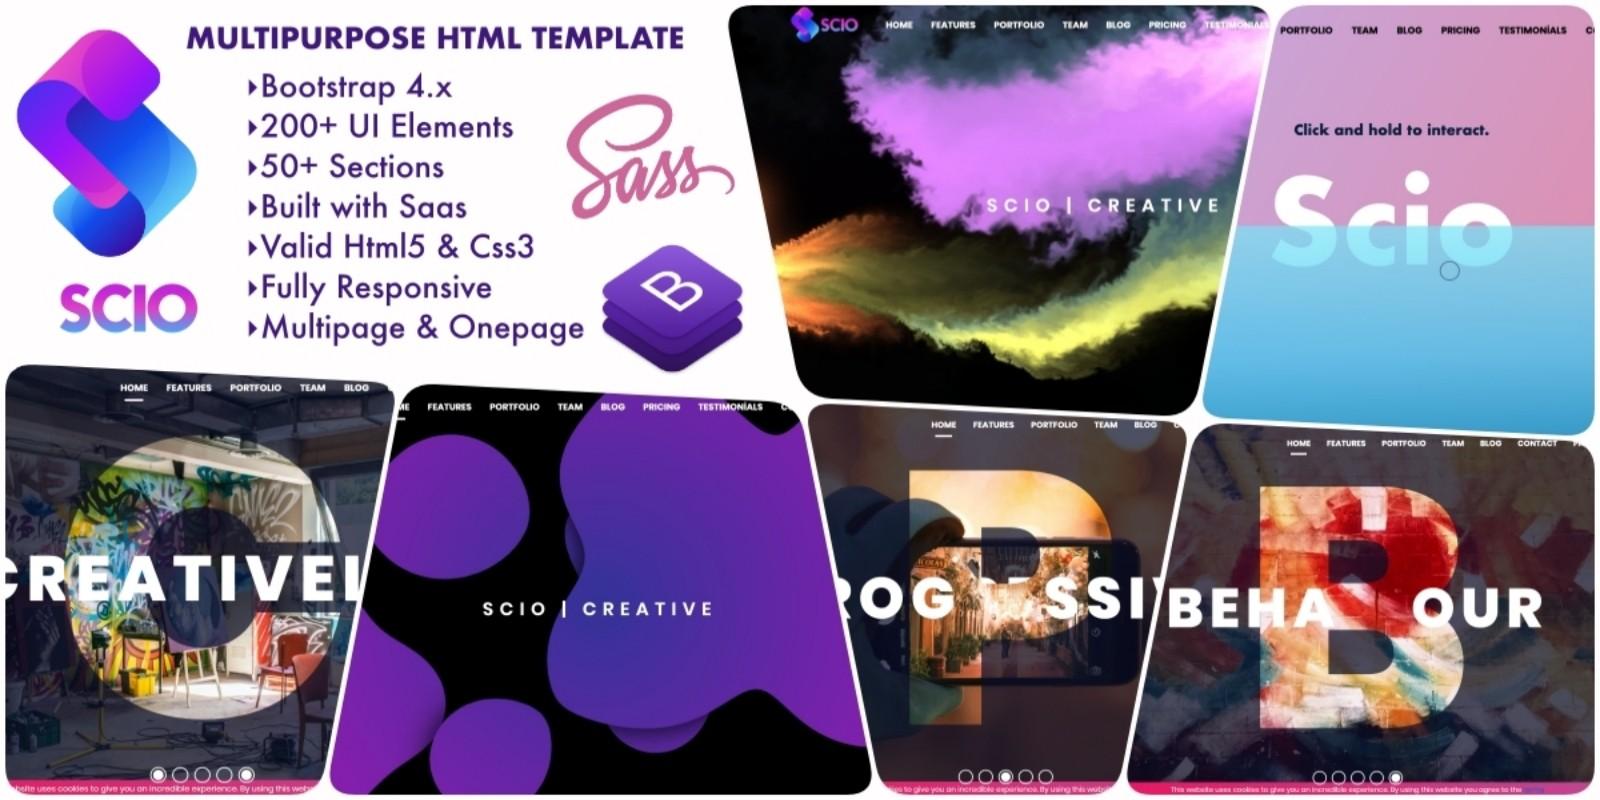 SCIO - Multipurpose Bootstrap 4 HTML5 Template